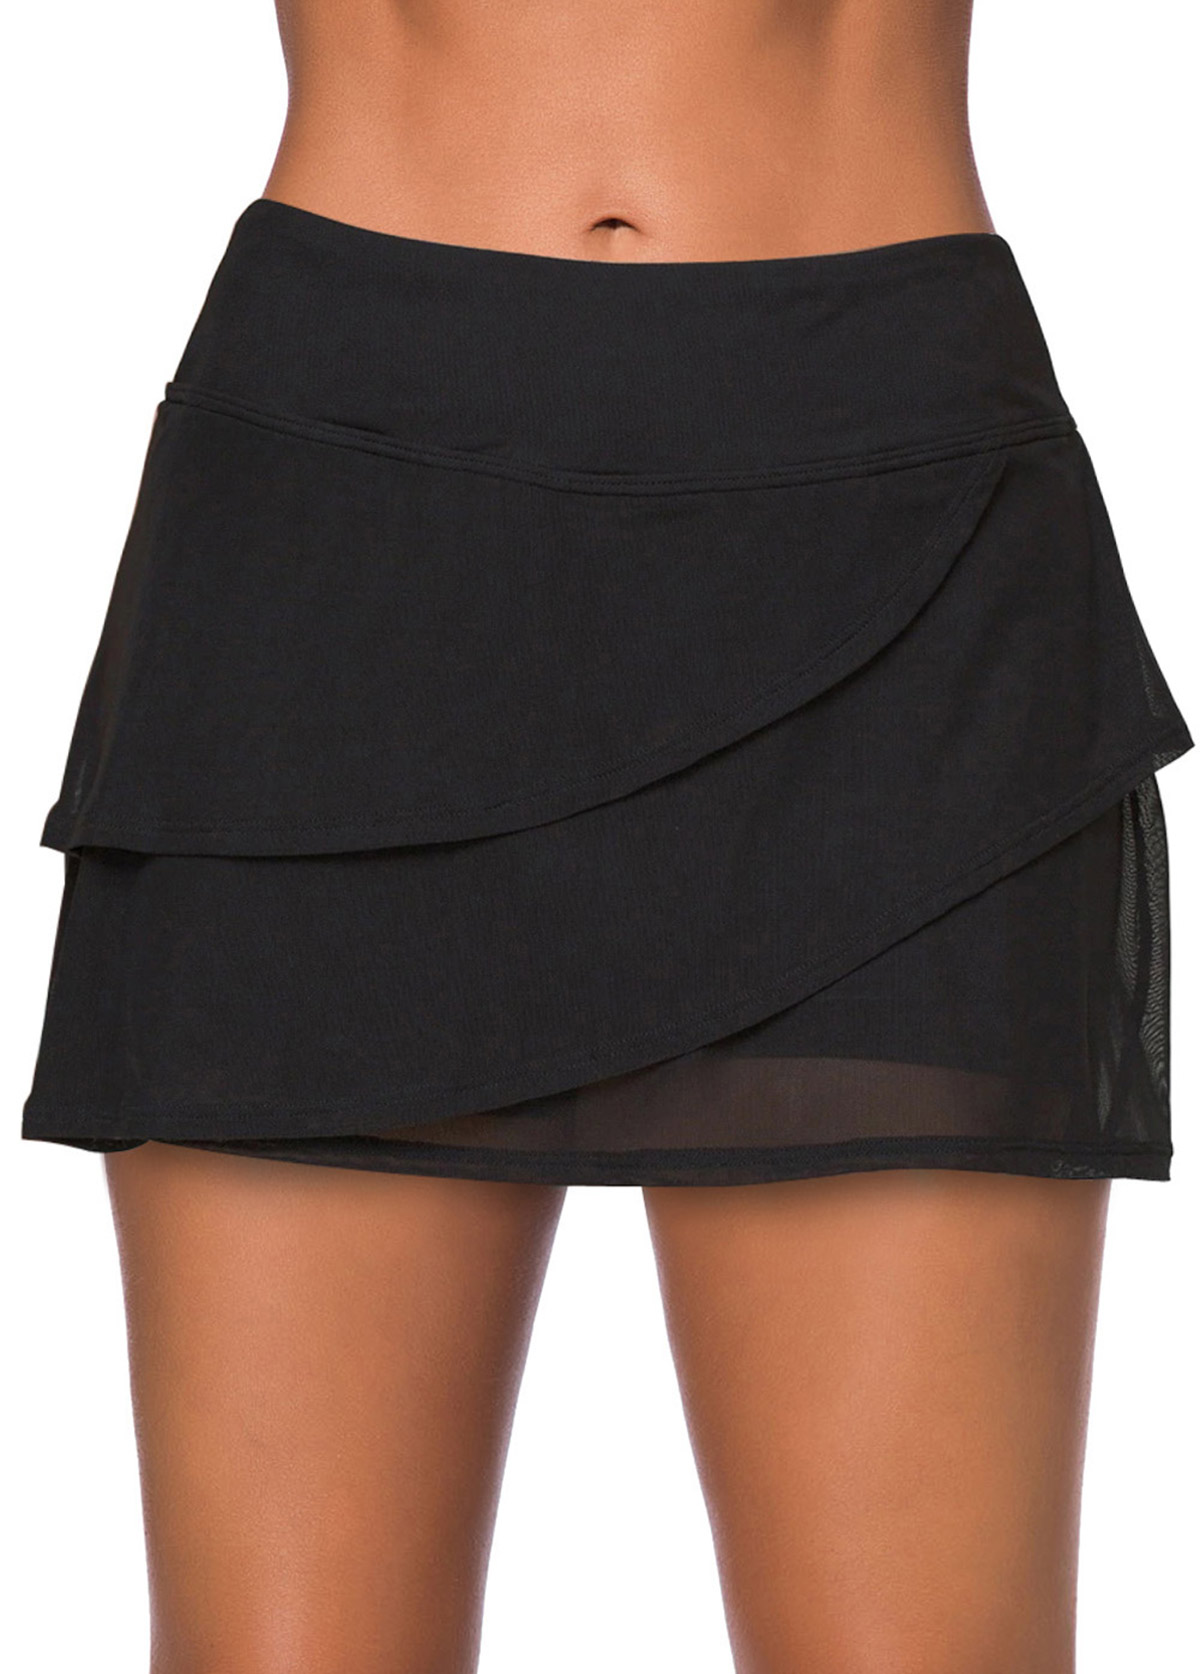 ROTITA High Waisted Layered Black Swim Skirt